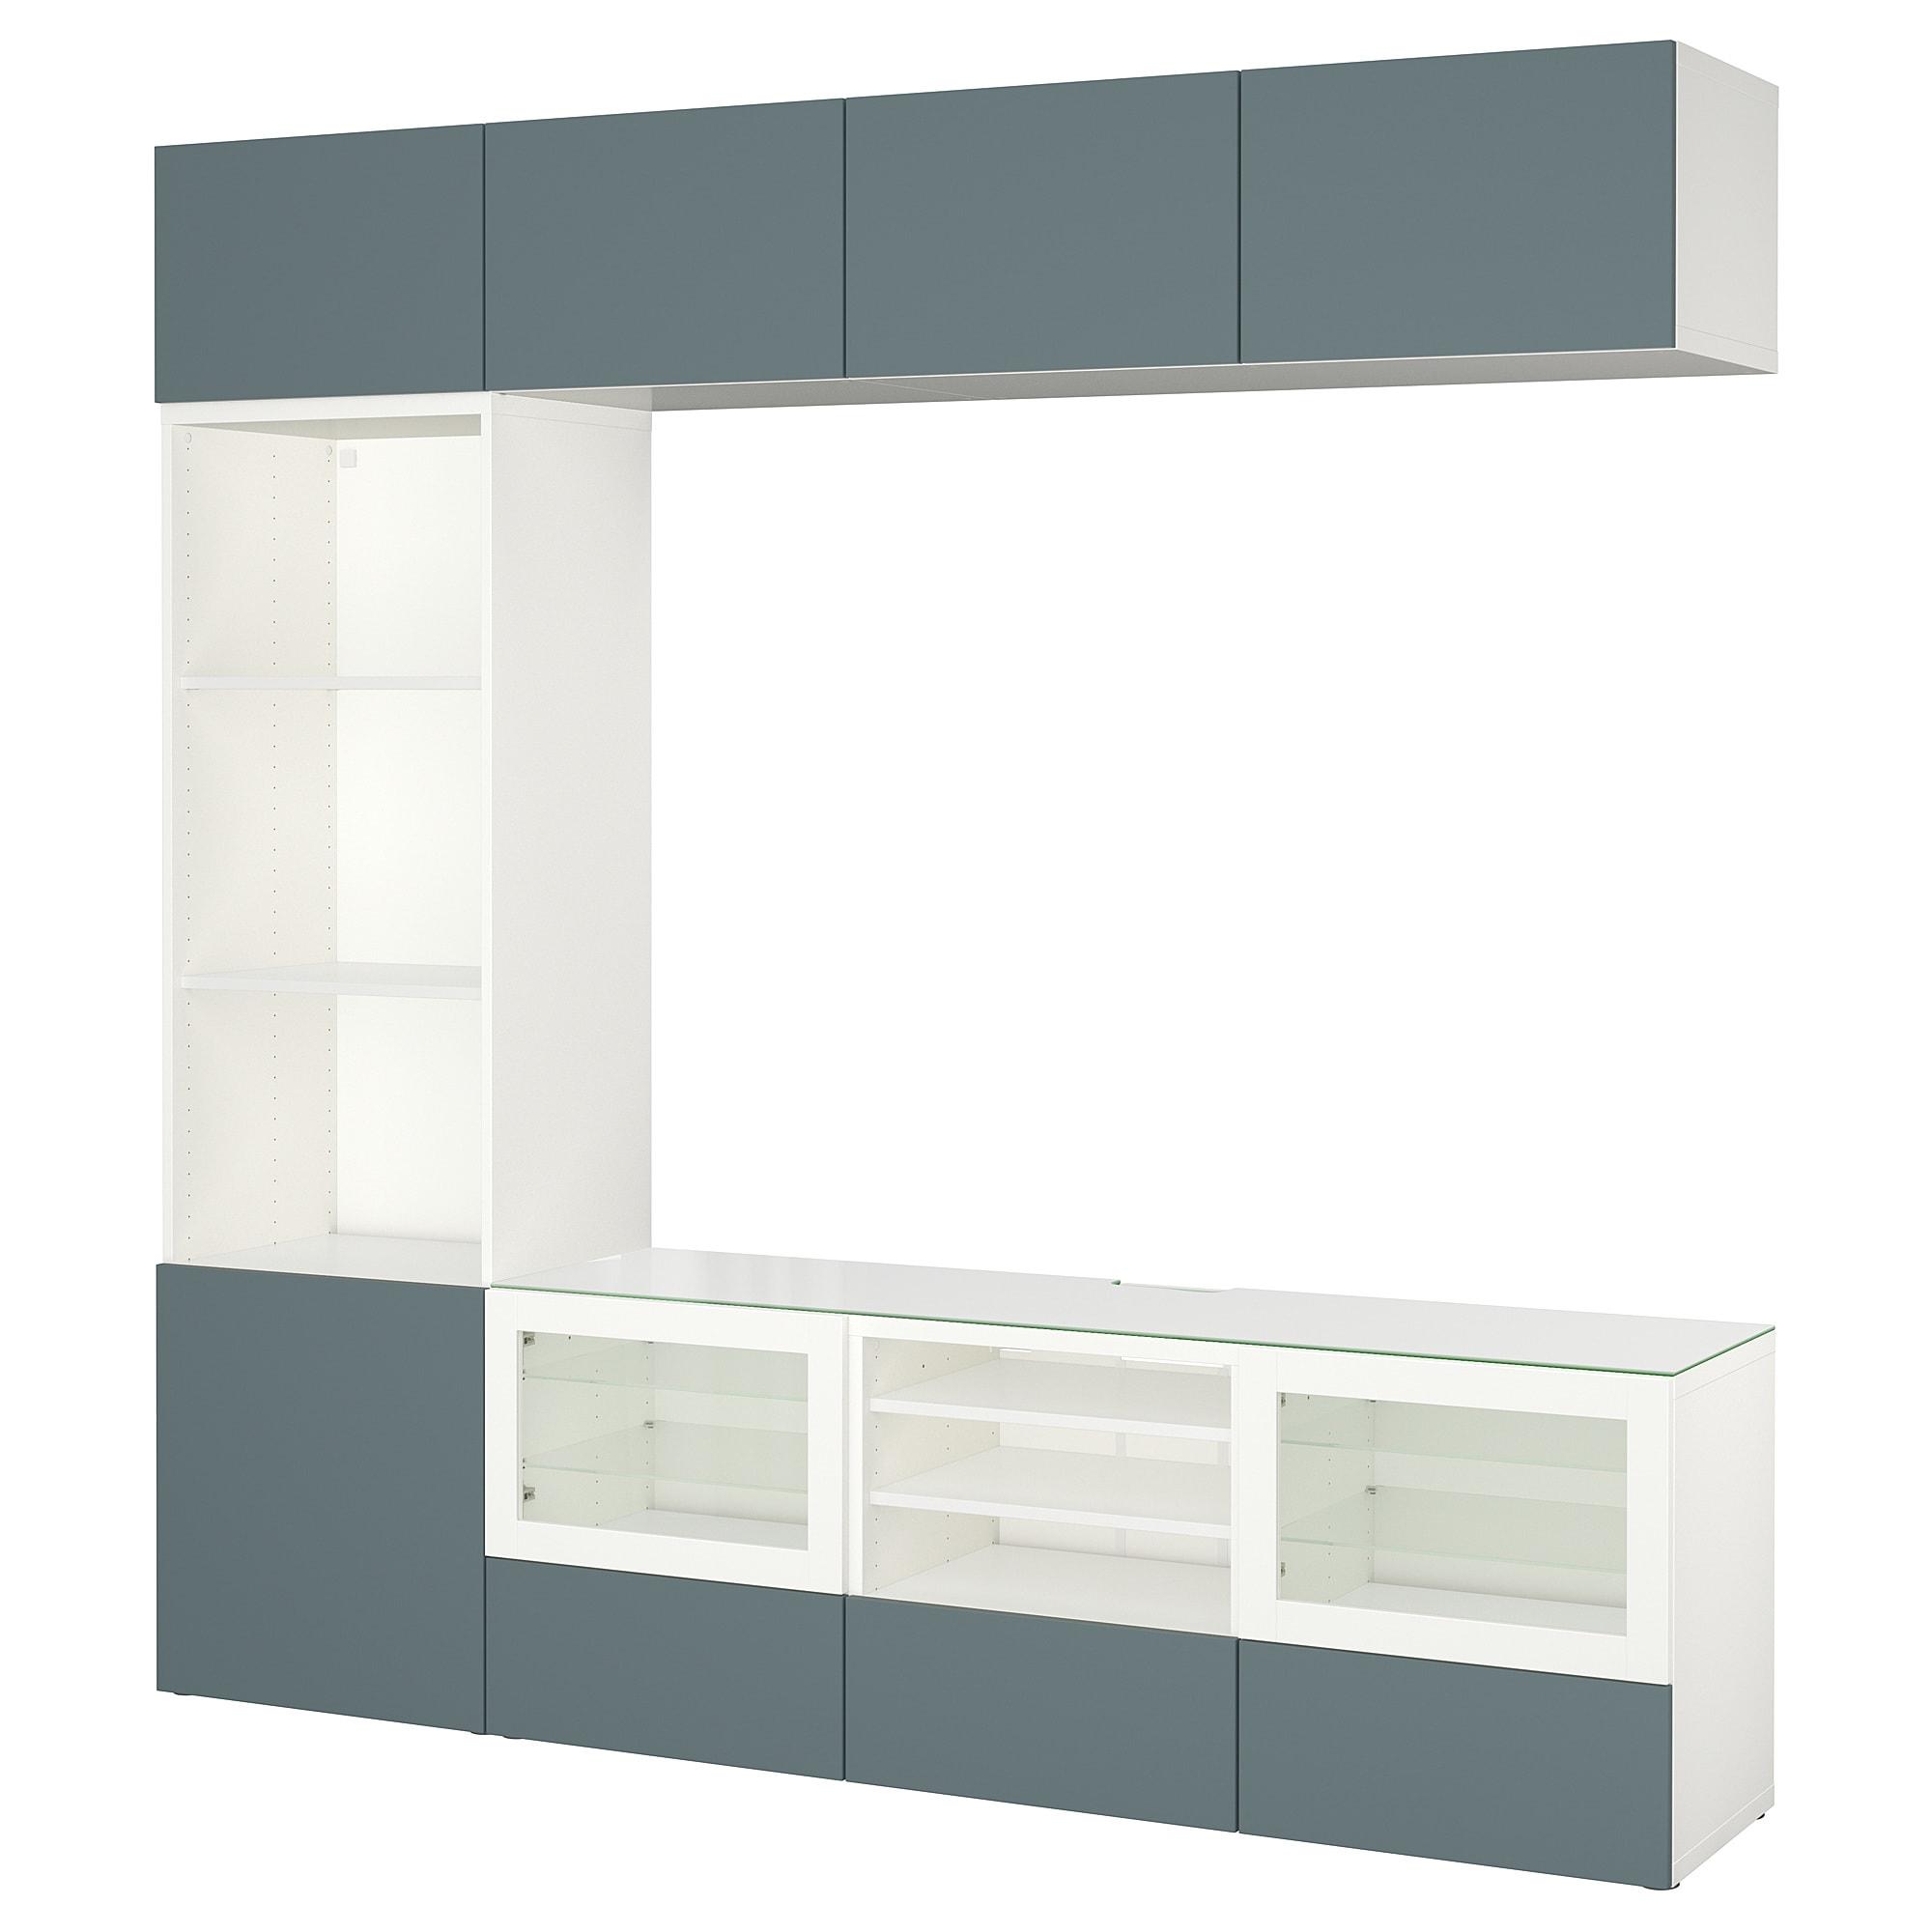 Шкаф для ТВ, комбинированный, стекляные дверцы БЕСТО белый артикуль № 692.462.50 в наличии. Интернет магазин IKEA Беларусь. Быстрая доставка и установка.